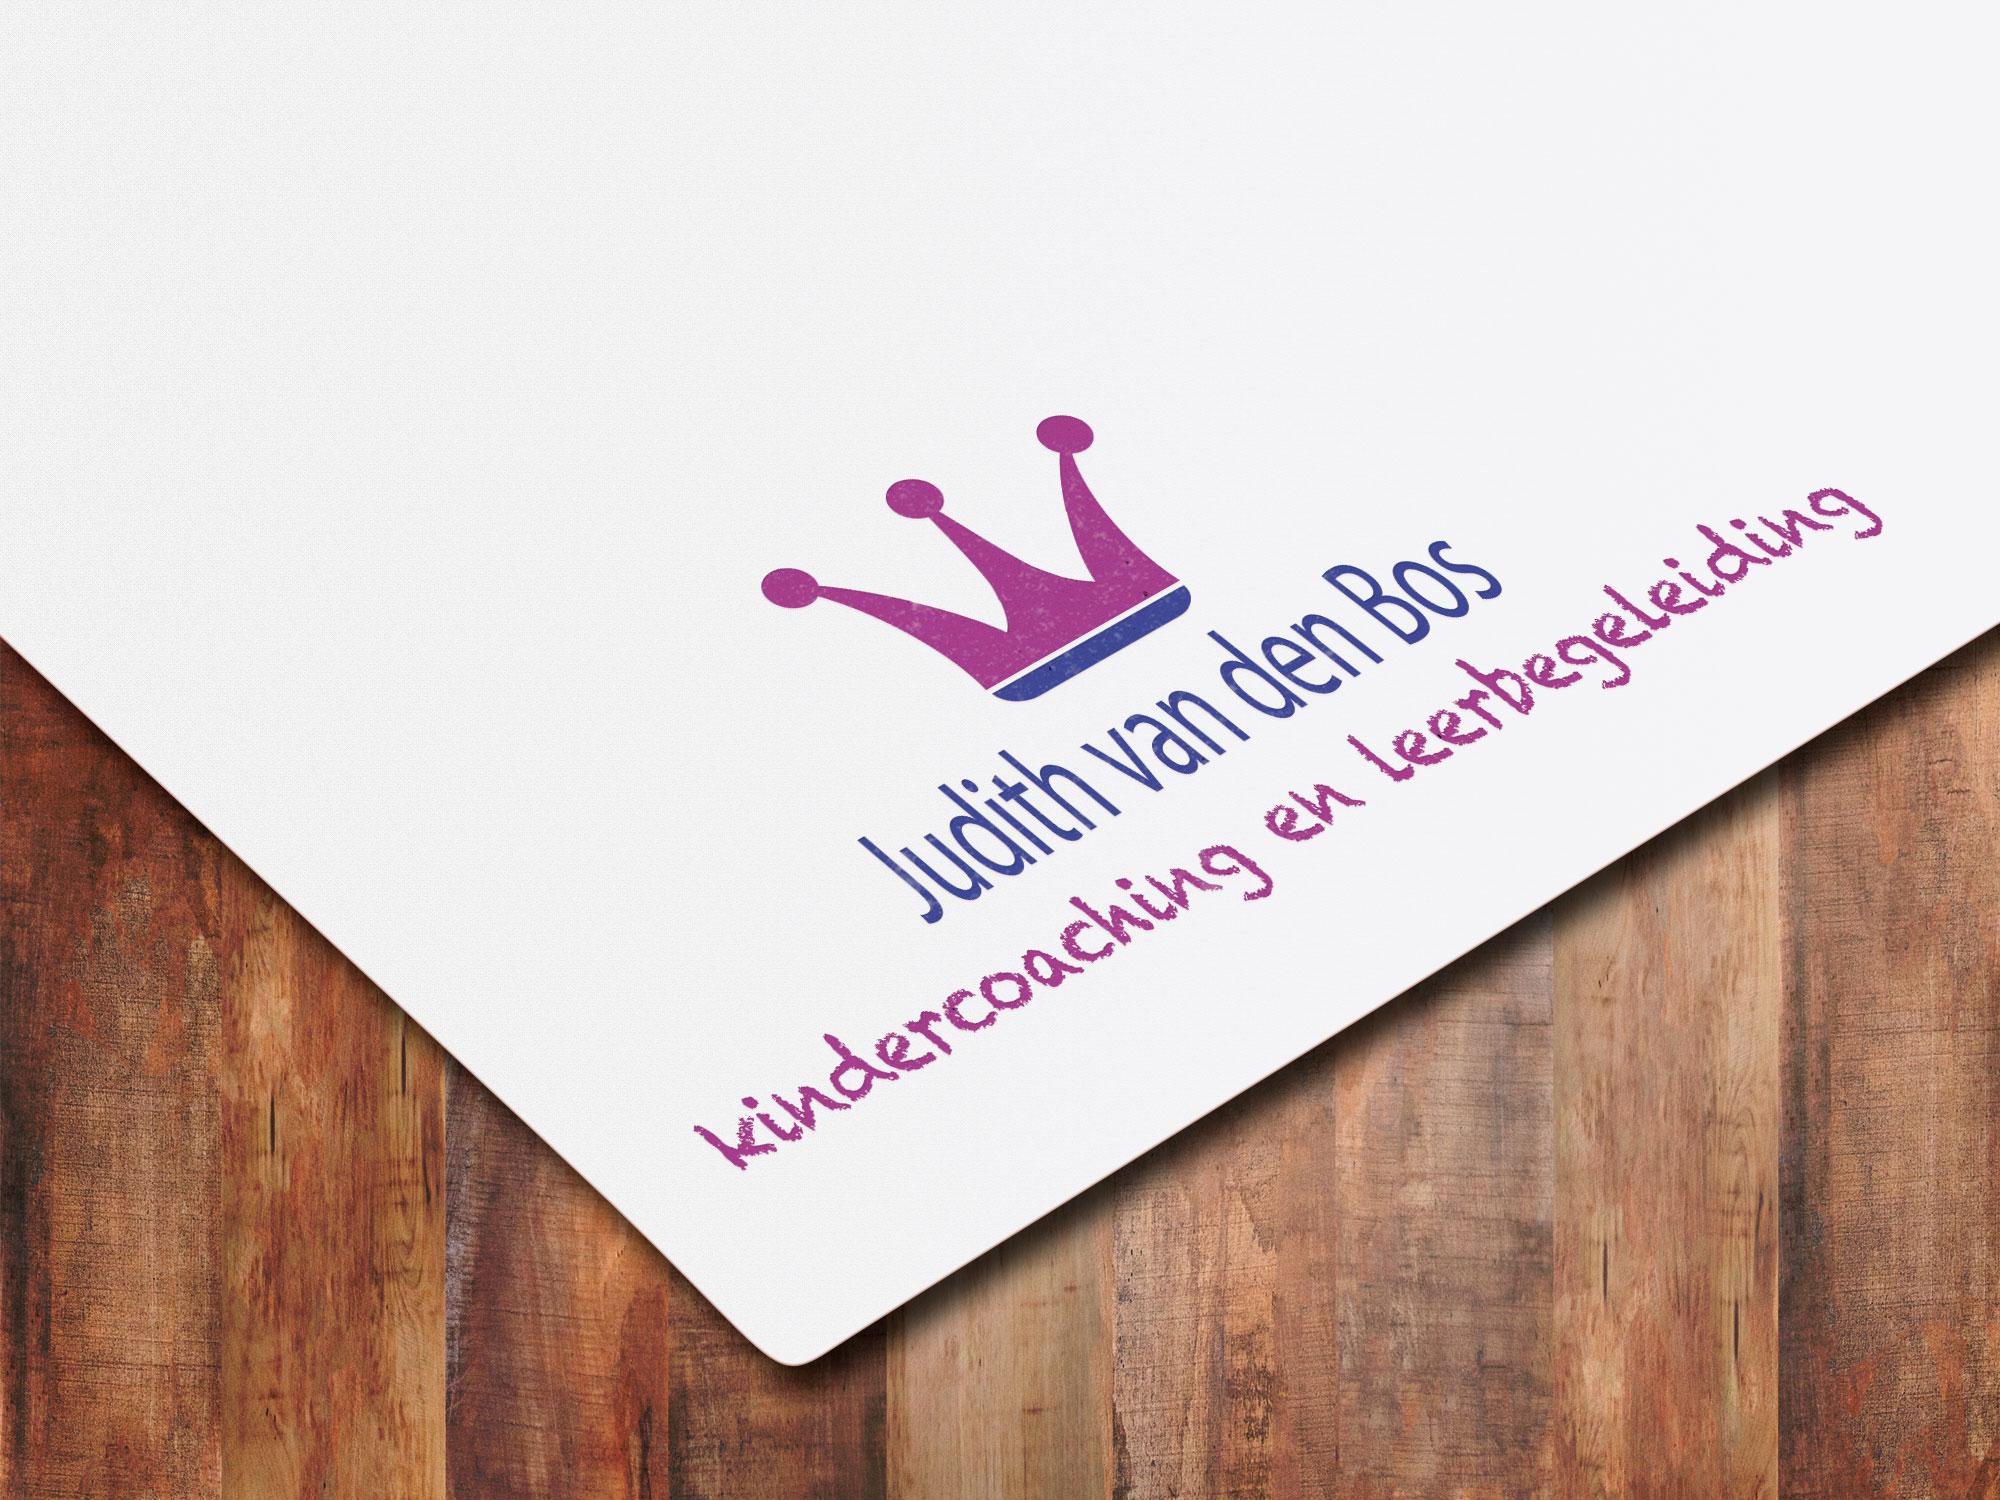 Logo ontwerp Judith van den Bos